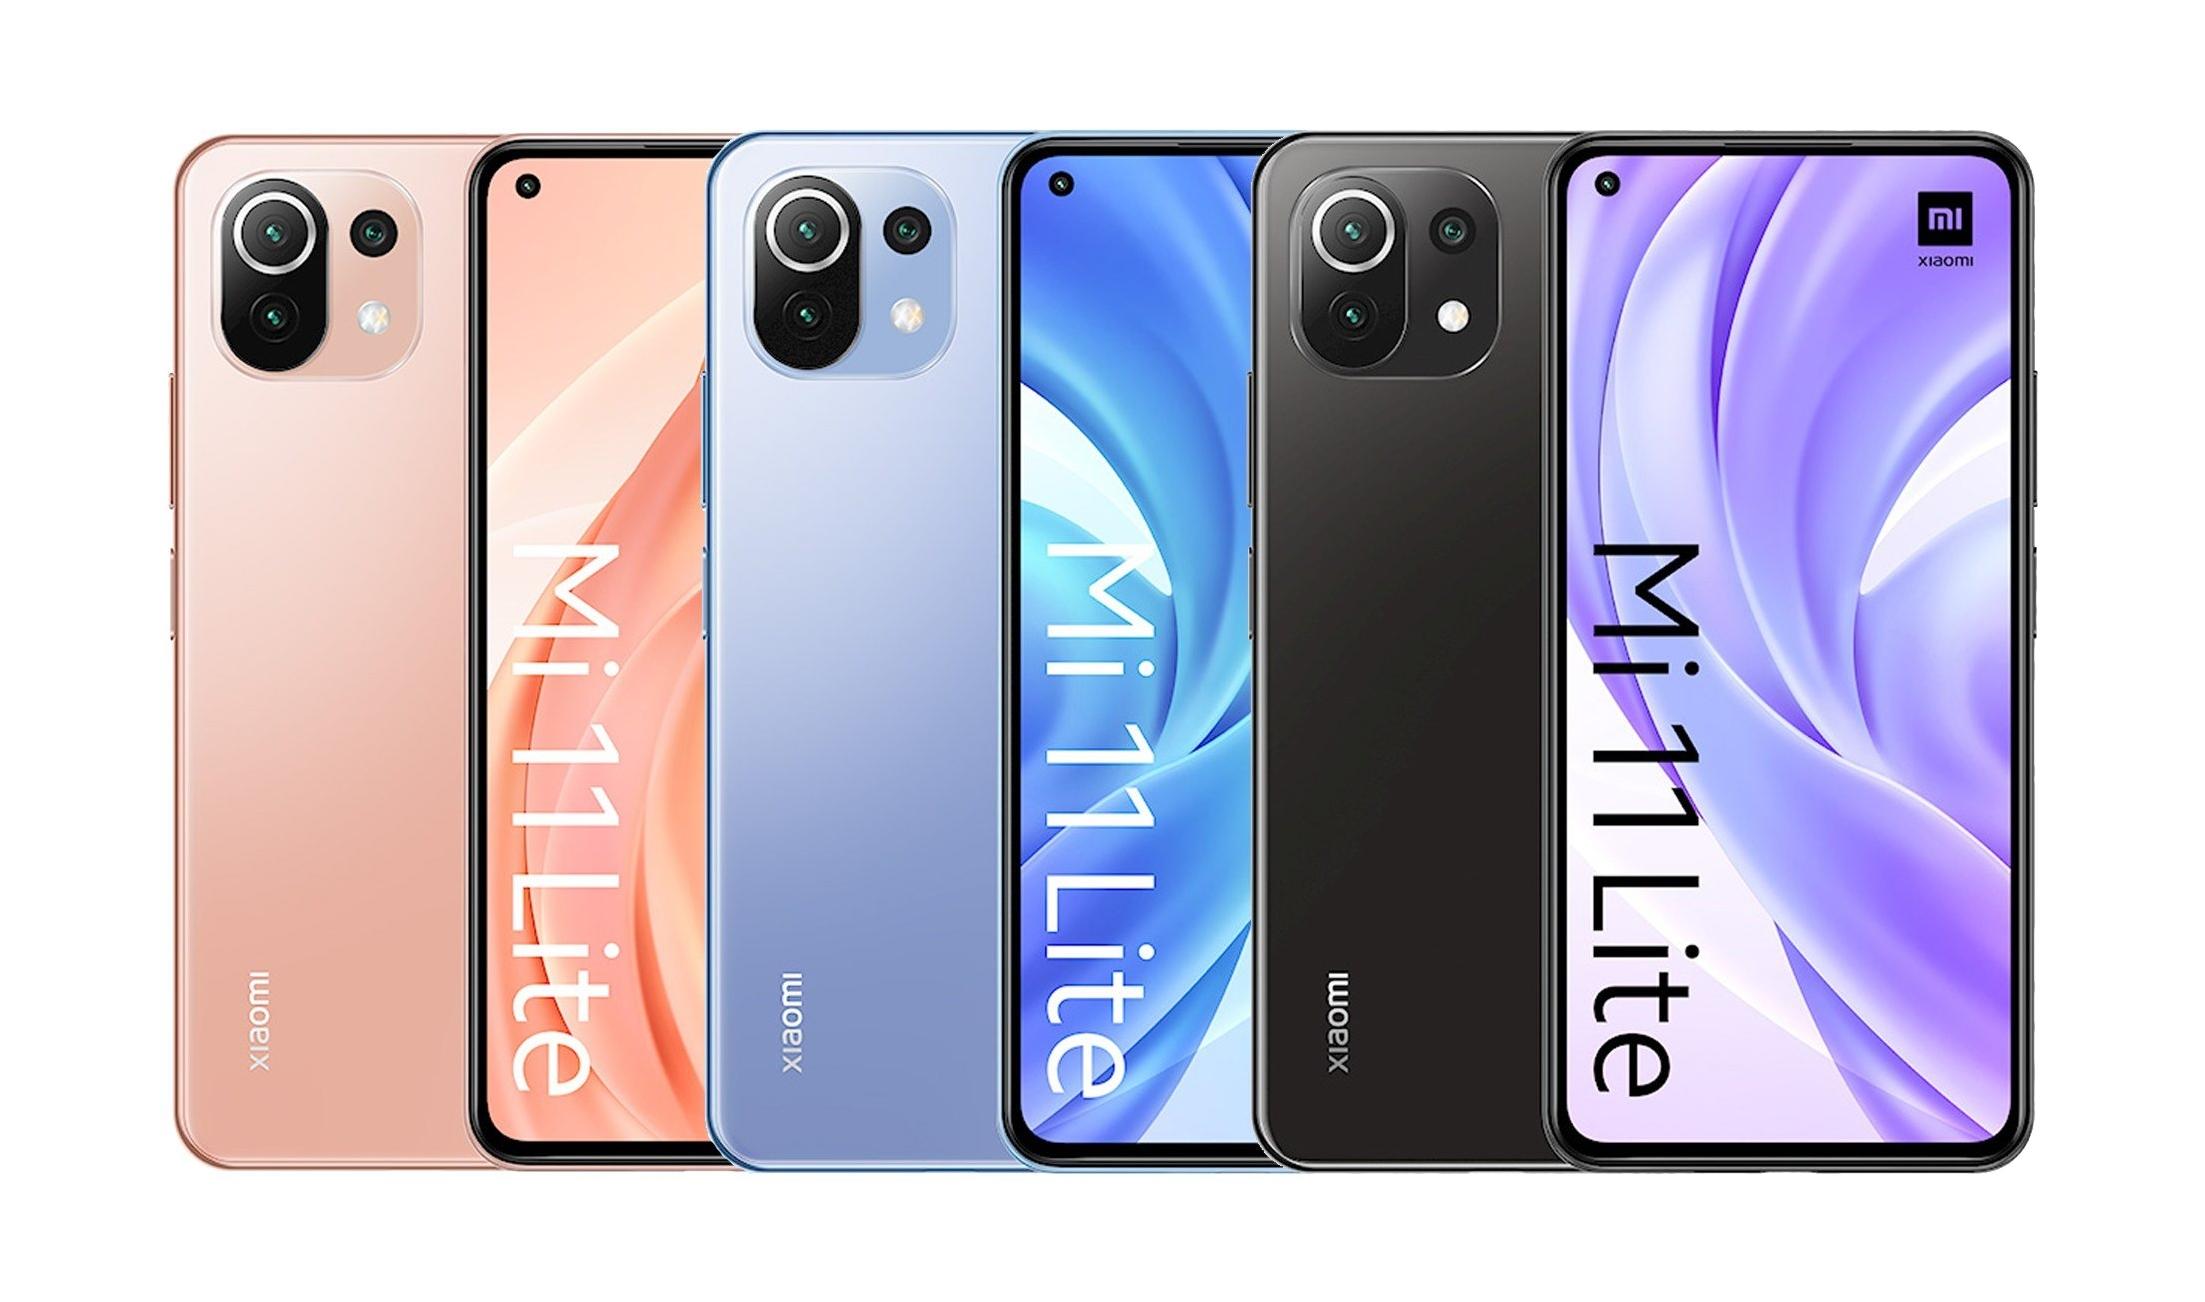 Качественные рендеры, цены и подробные характеристики Xiaomi Mi 11 Lite 4G и Xiaomi Mi 11 Lite 5G